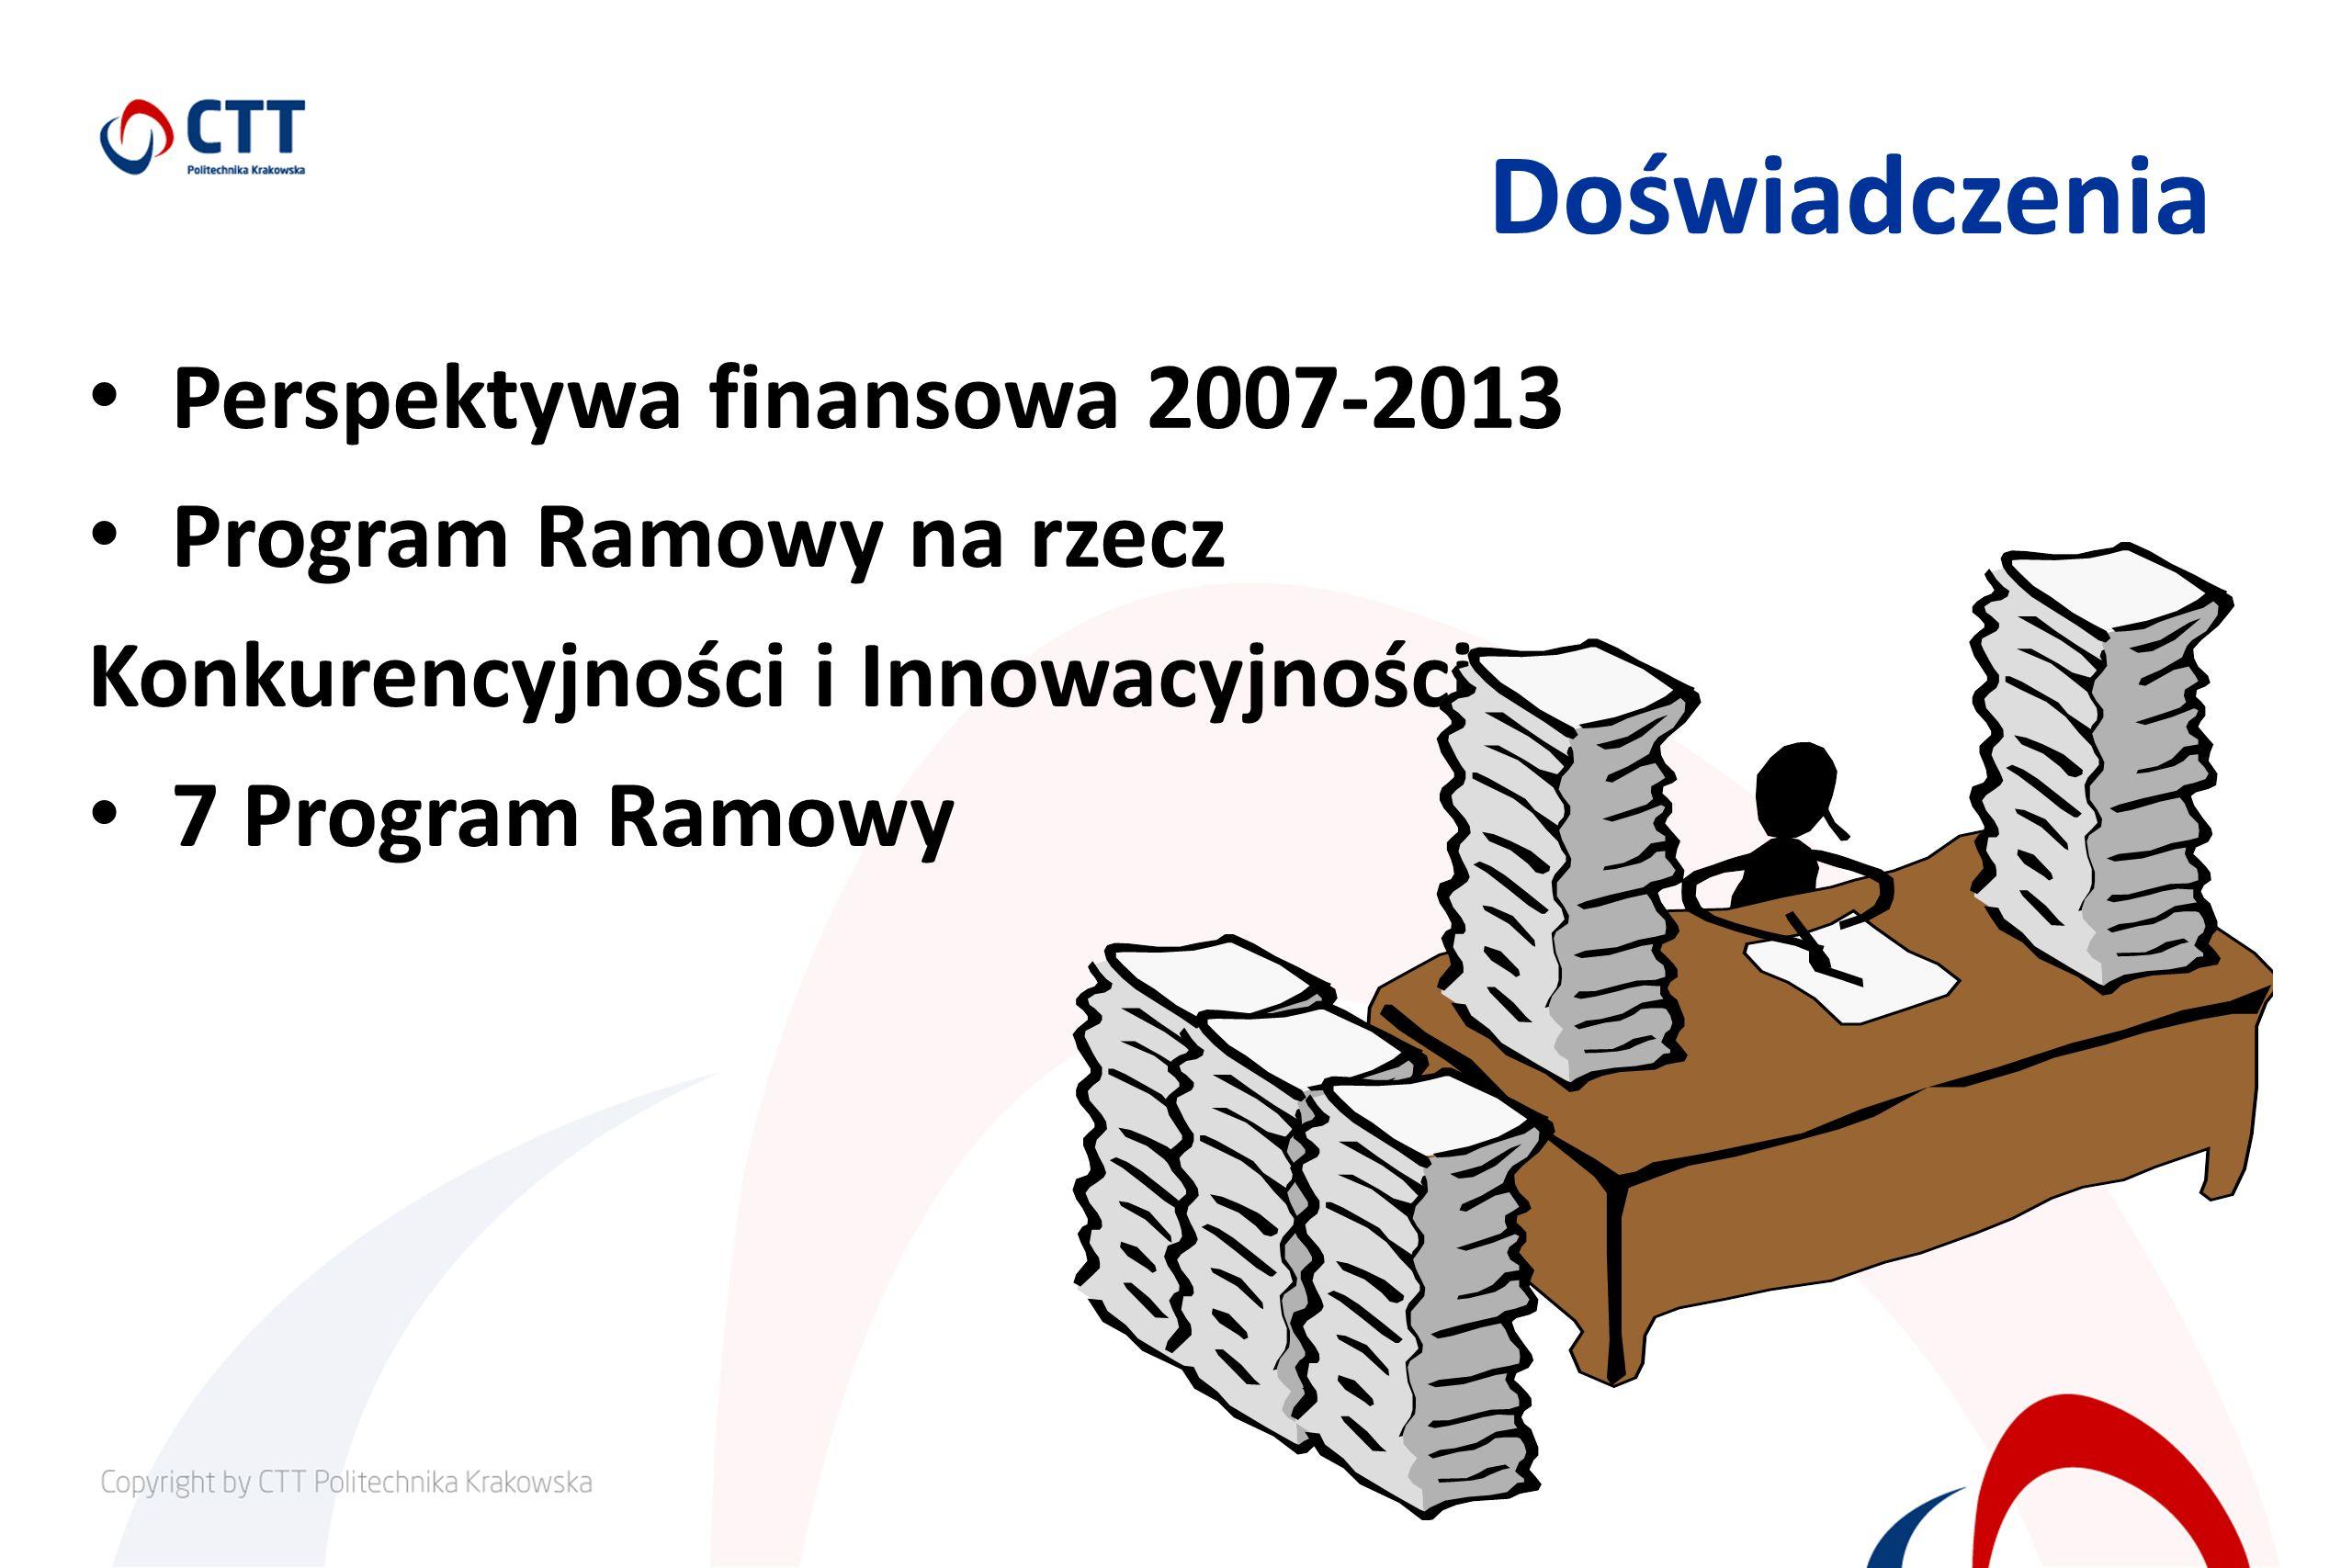 Doświadczenia Perspektywa finansowa 2007-2013 Program Ramowy na rzecz Konkurencyjności i Innowacyjności 7 Program Ramowy